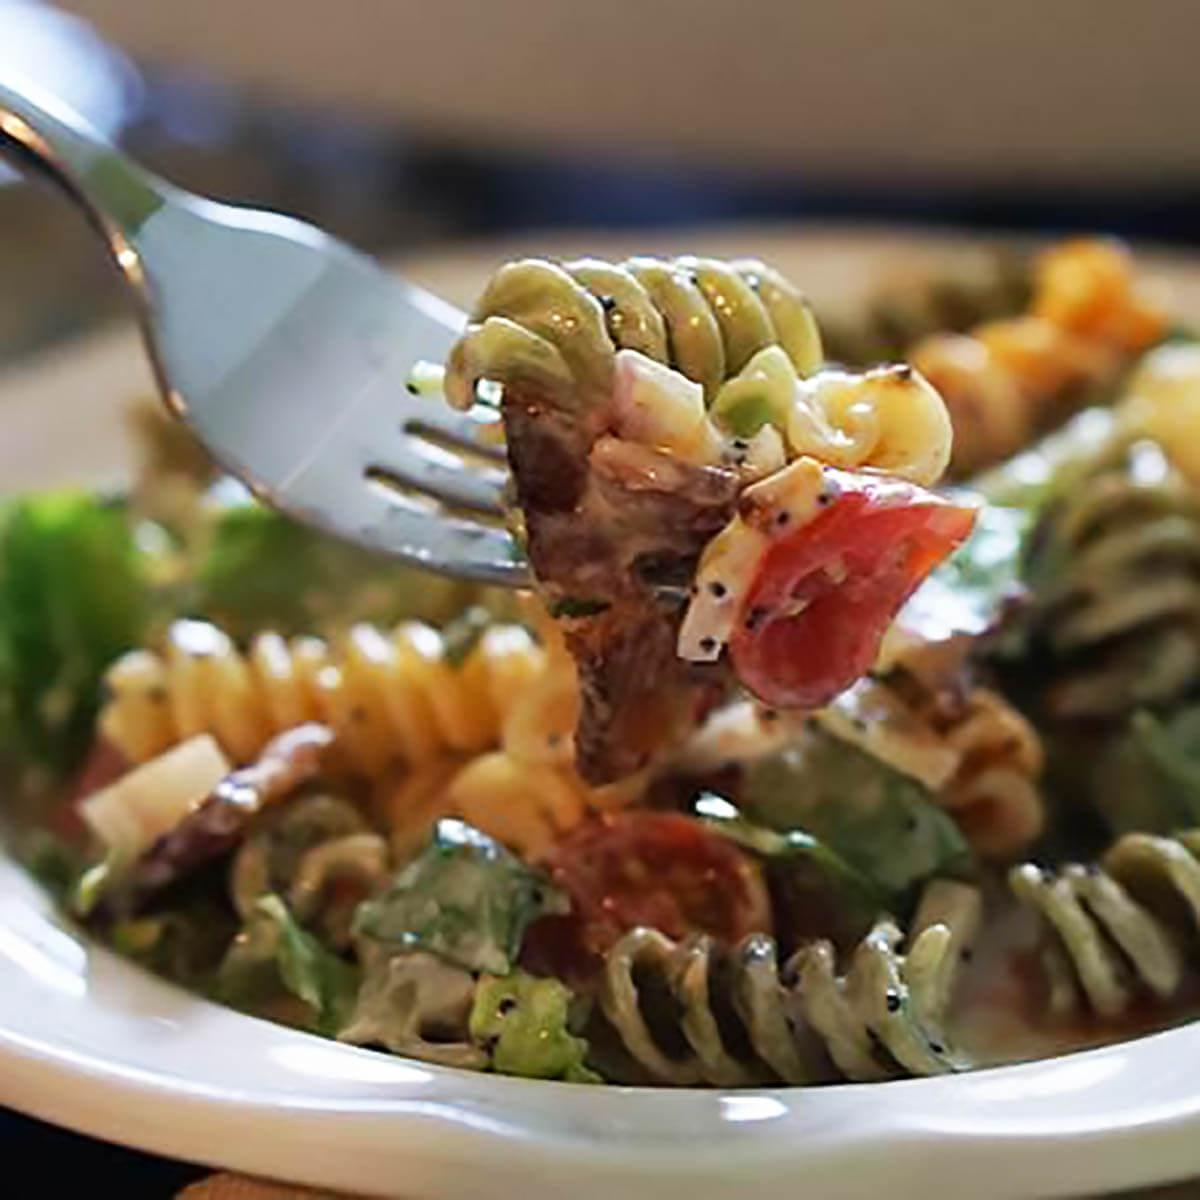 BLT Pasta Salad on plate.